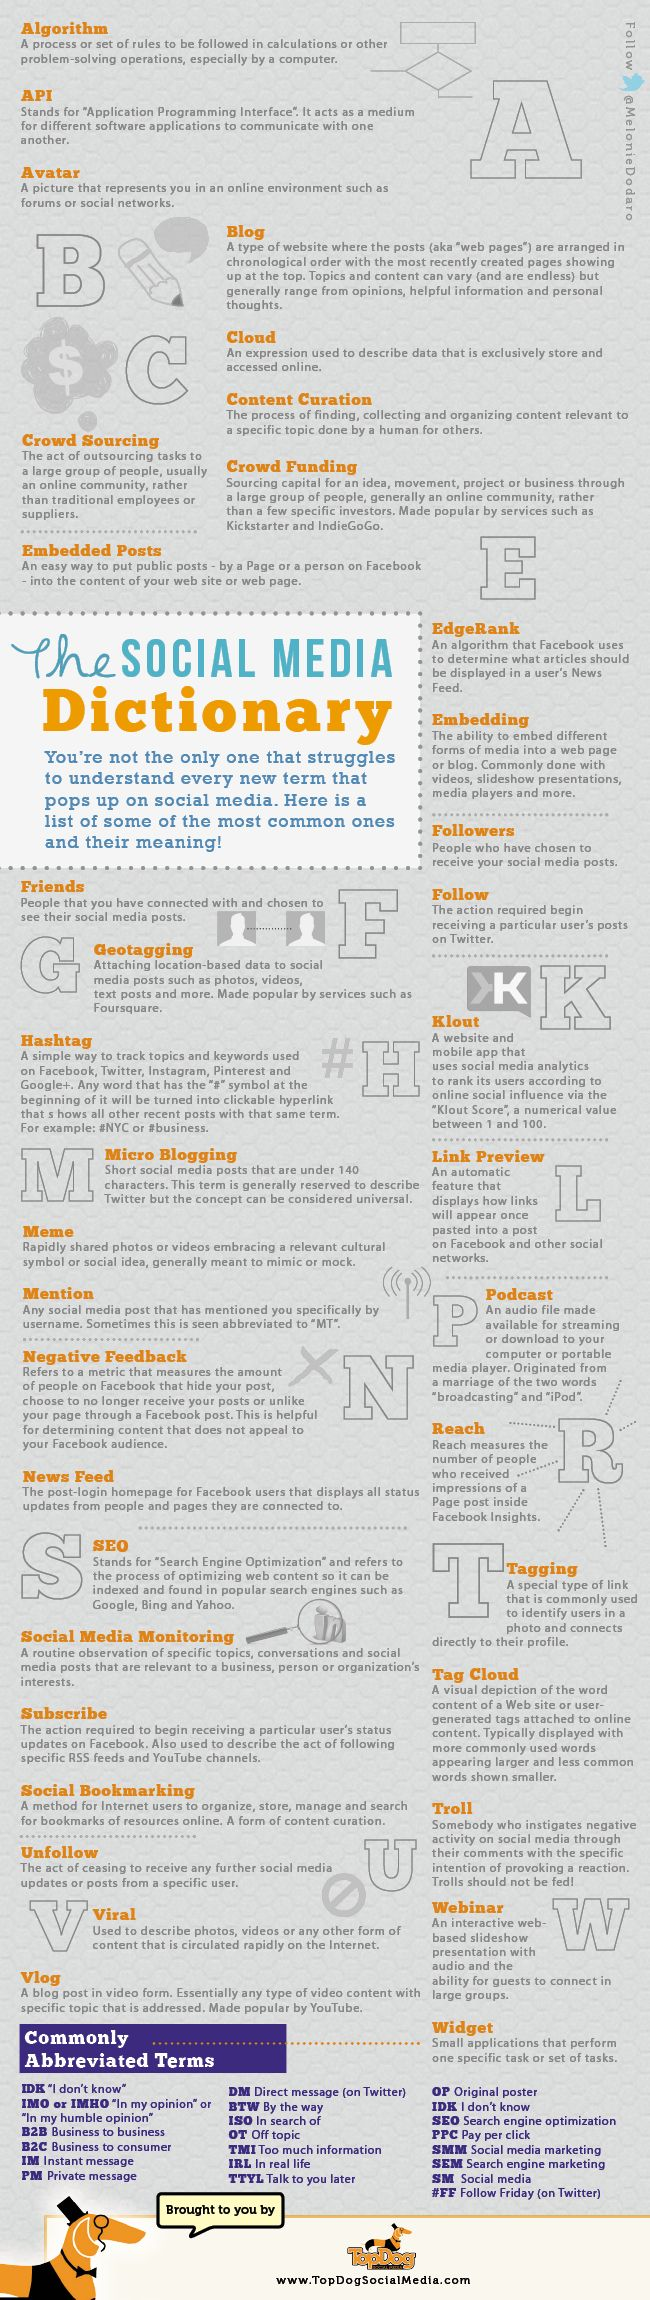 El diccionario del Social Media #infografia #infographic #SocialMedia